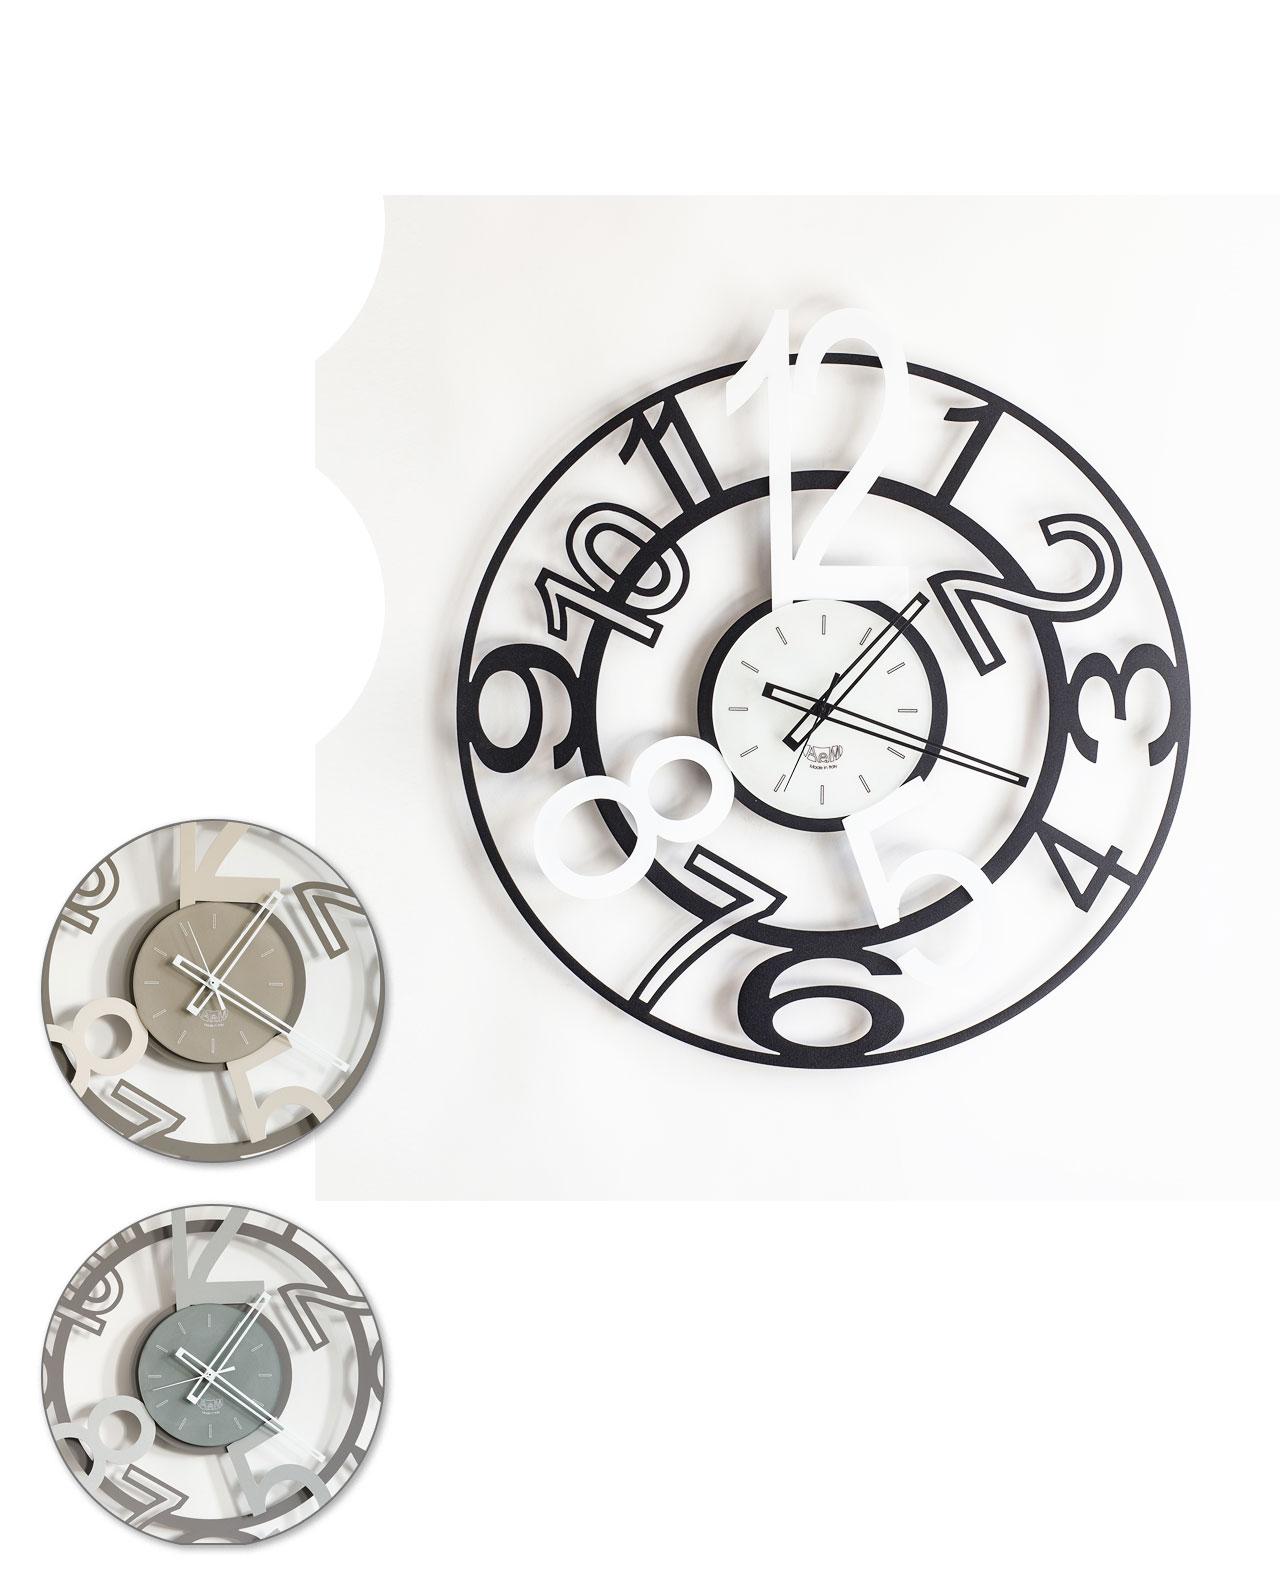 Orologio da parete design orione arti e mestieri for Orologi da parete moderni arte e mestieri